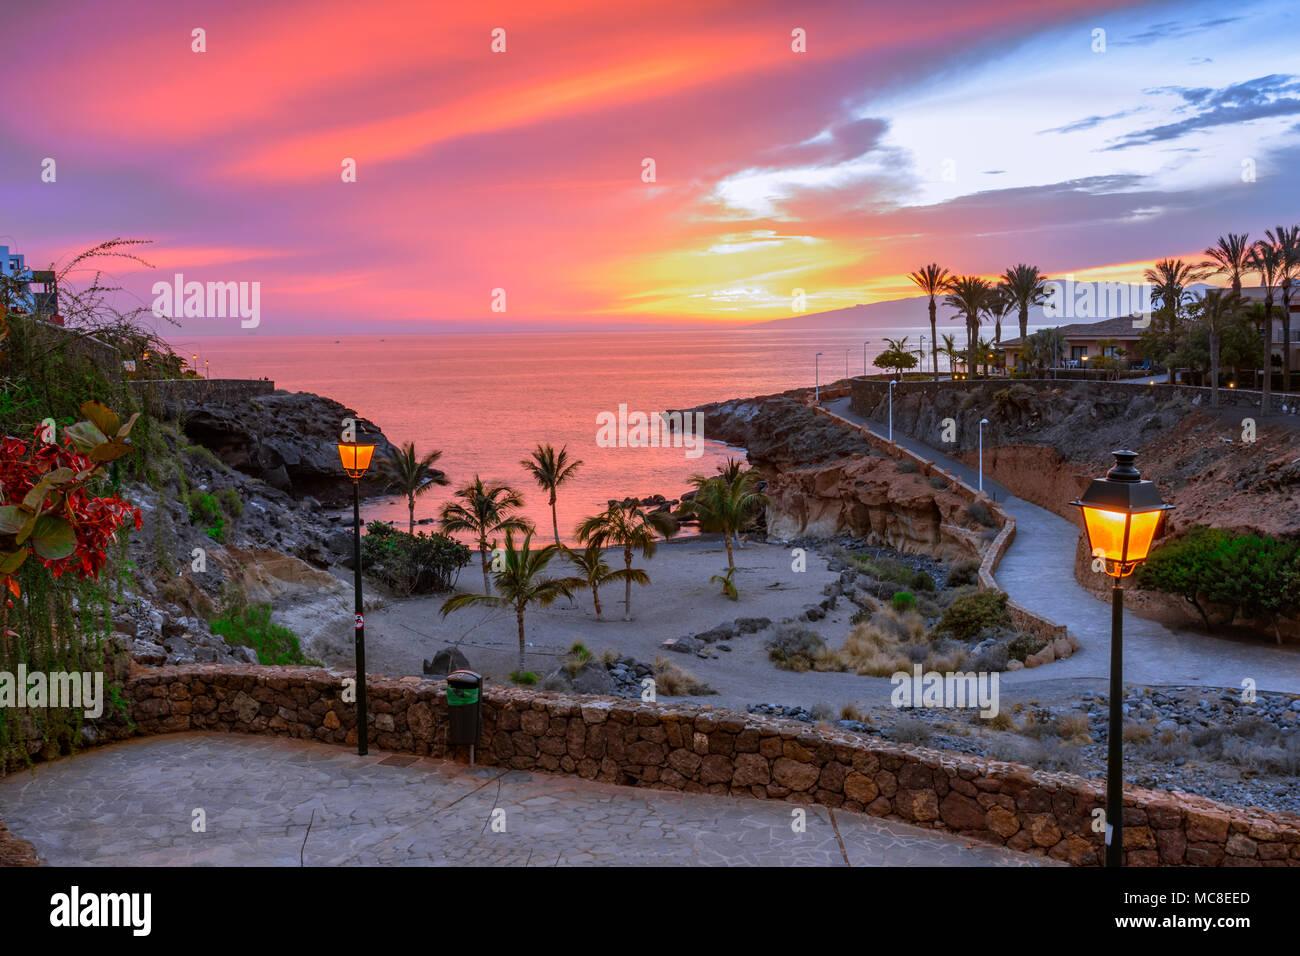 Playa Paraíso, Tenerife, Islas Canarias, España: hermoso atardecer en la Playa Las galgas Imagen De Stock